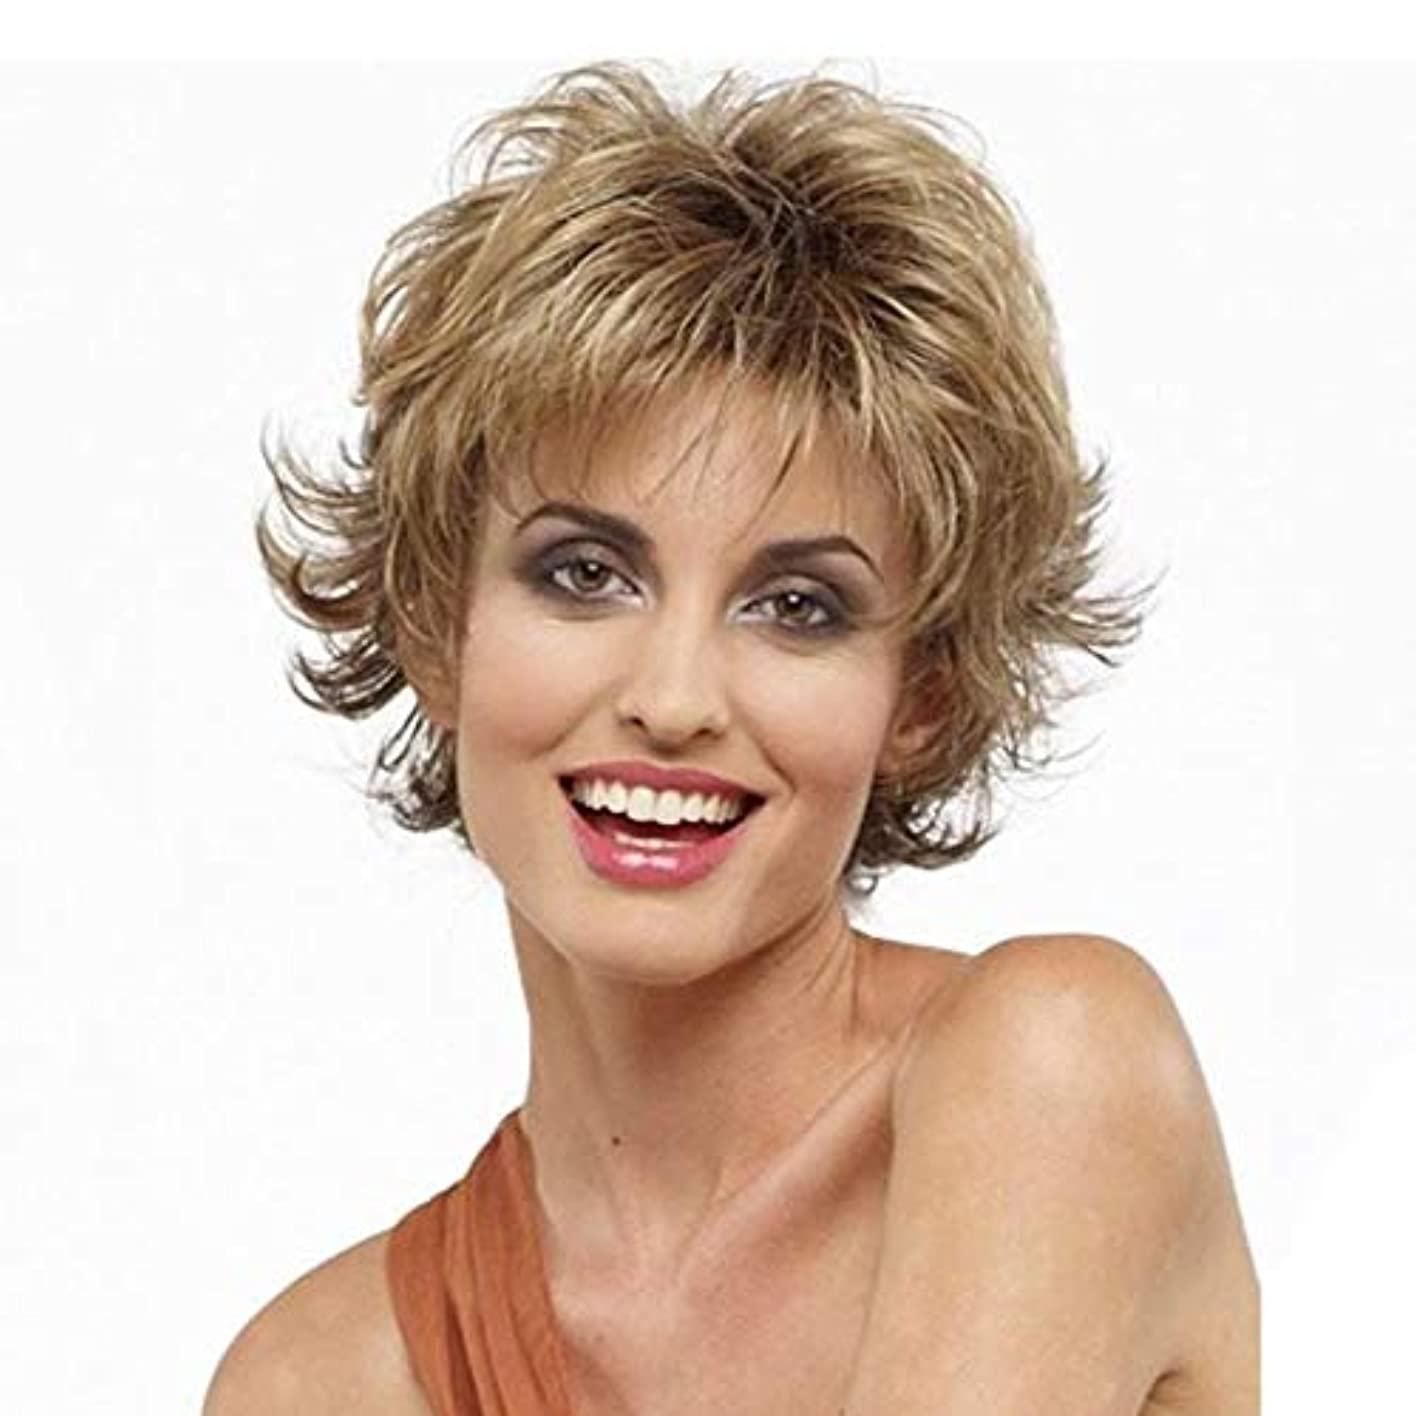 権限を与えるピカソ割るWASAIO 女性のショートカーリーウィッグブロンドの髪ショートボブウィッグ (色 : Blonde)